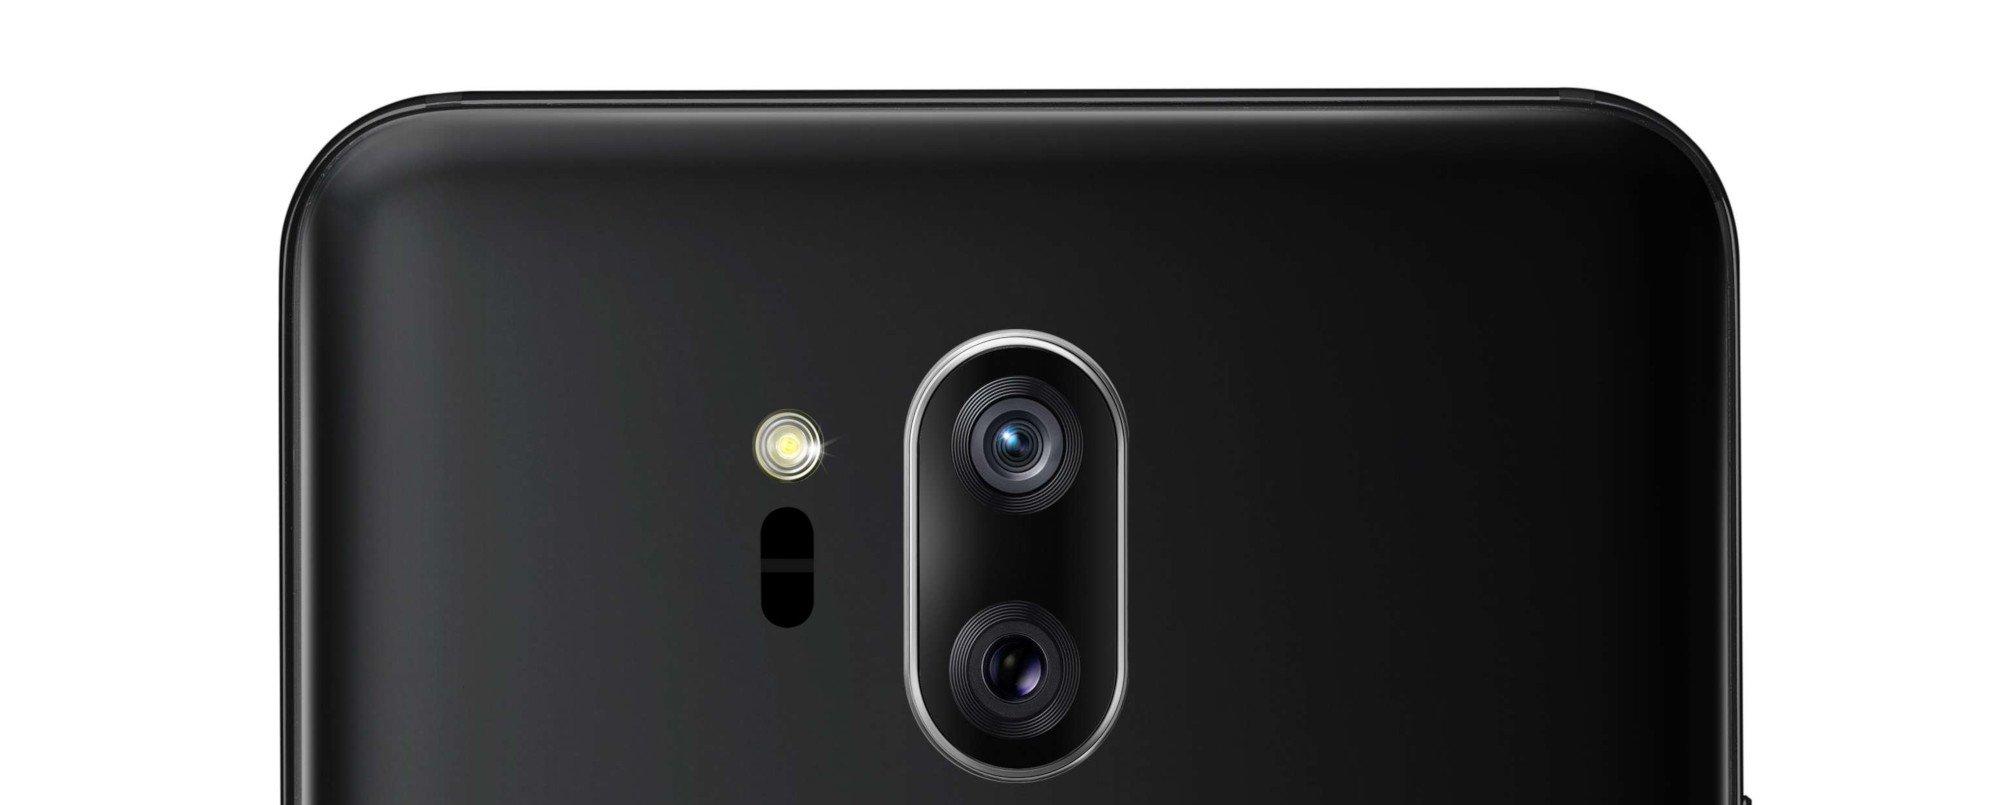 LG G7 ThinQ nur mit Dualkamera: Schöne Bilder soll aber auch die ThinQ-Technik bringen (Bild: LG)